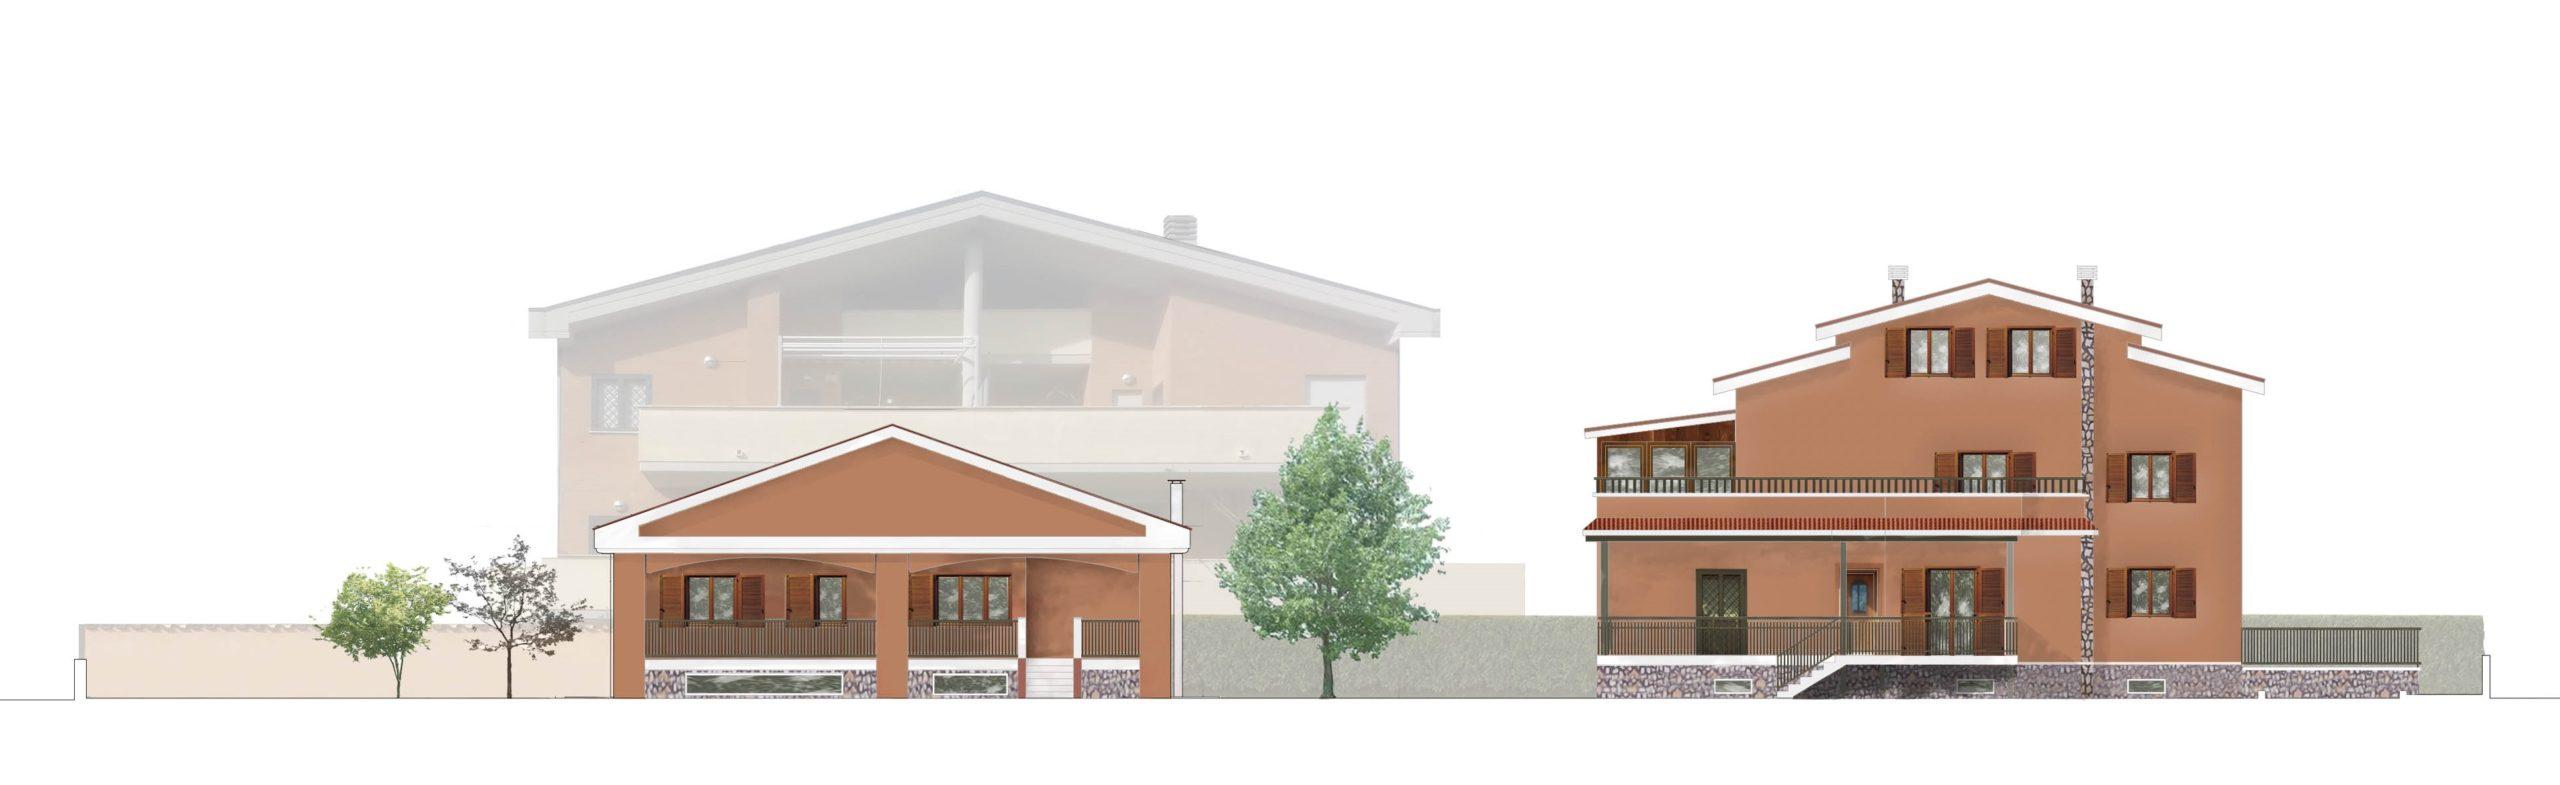 Piano Casa Villa Anagnina - Prospetto dopo l'intervento